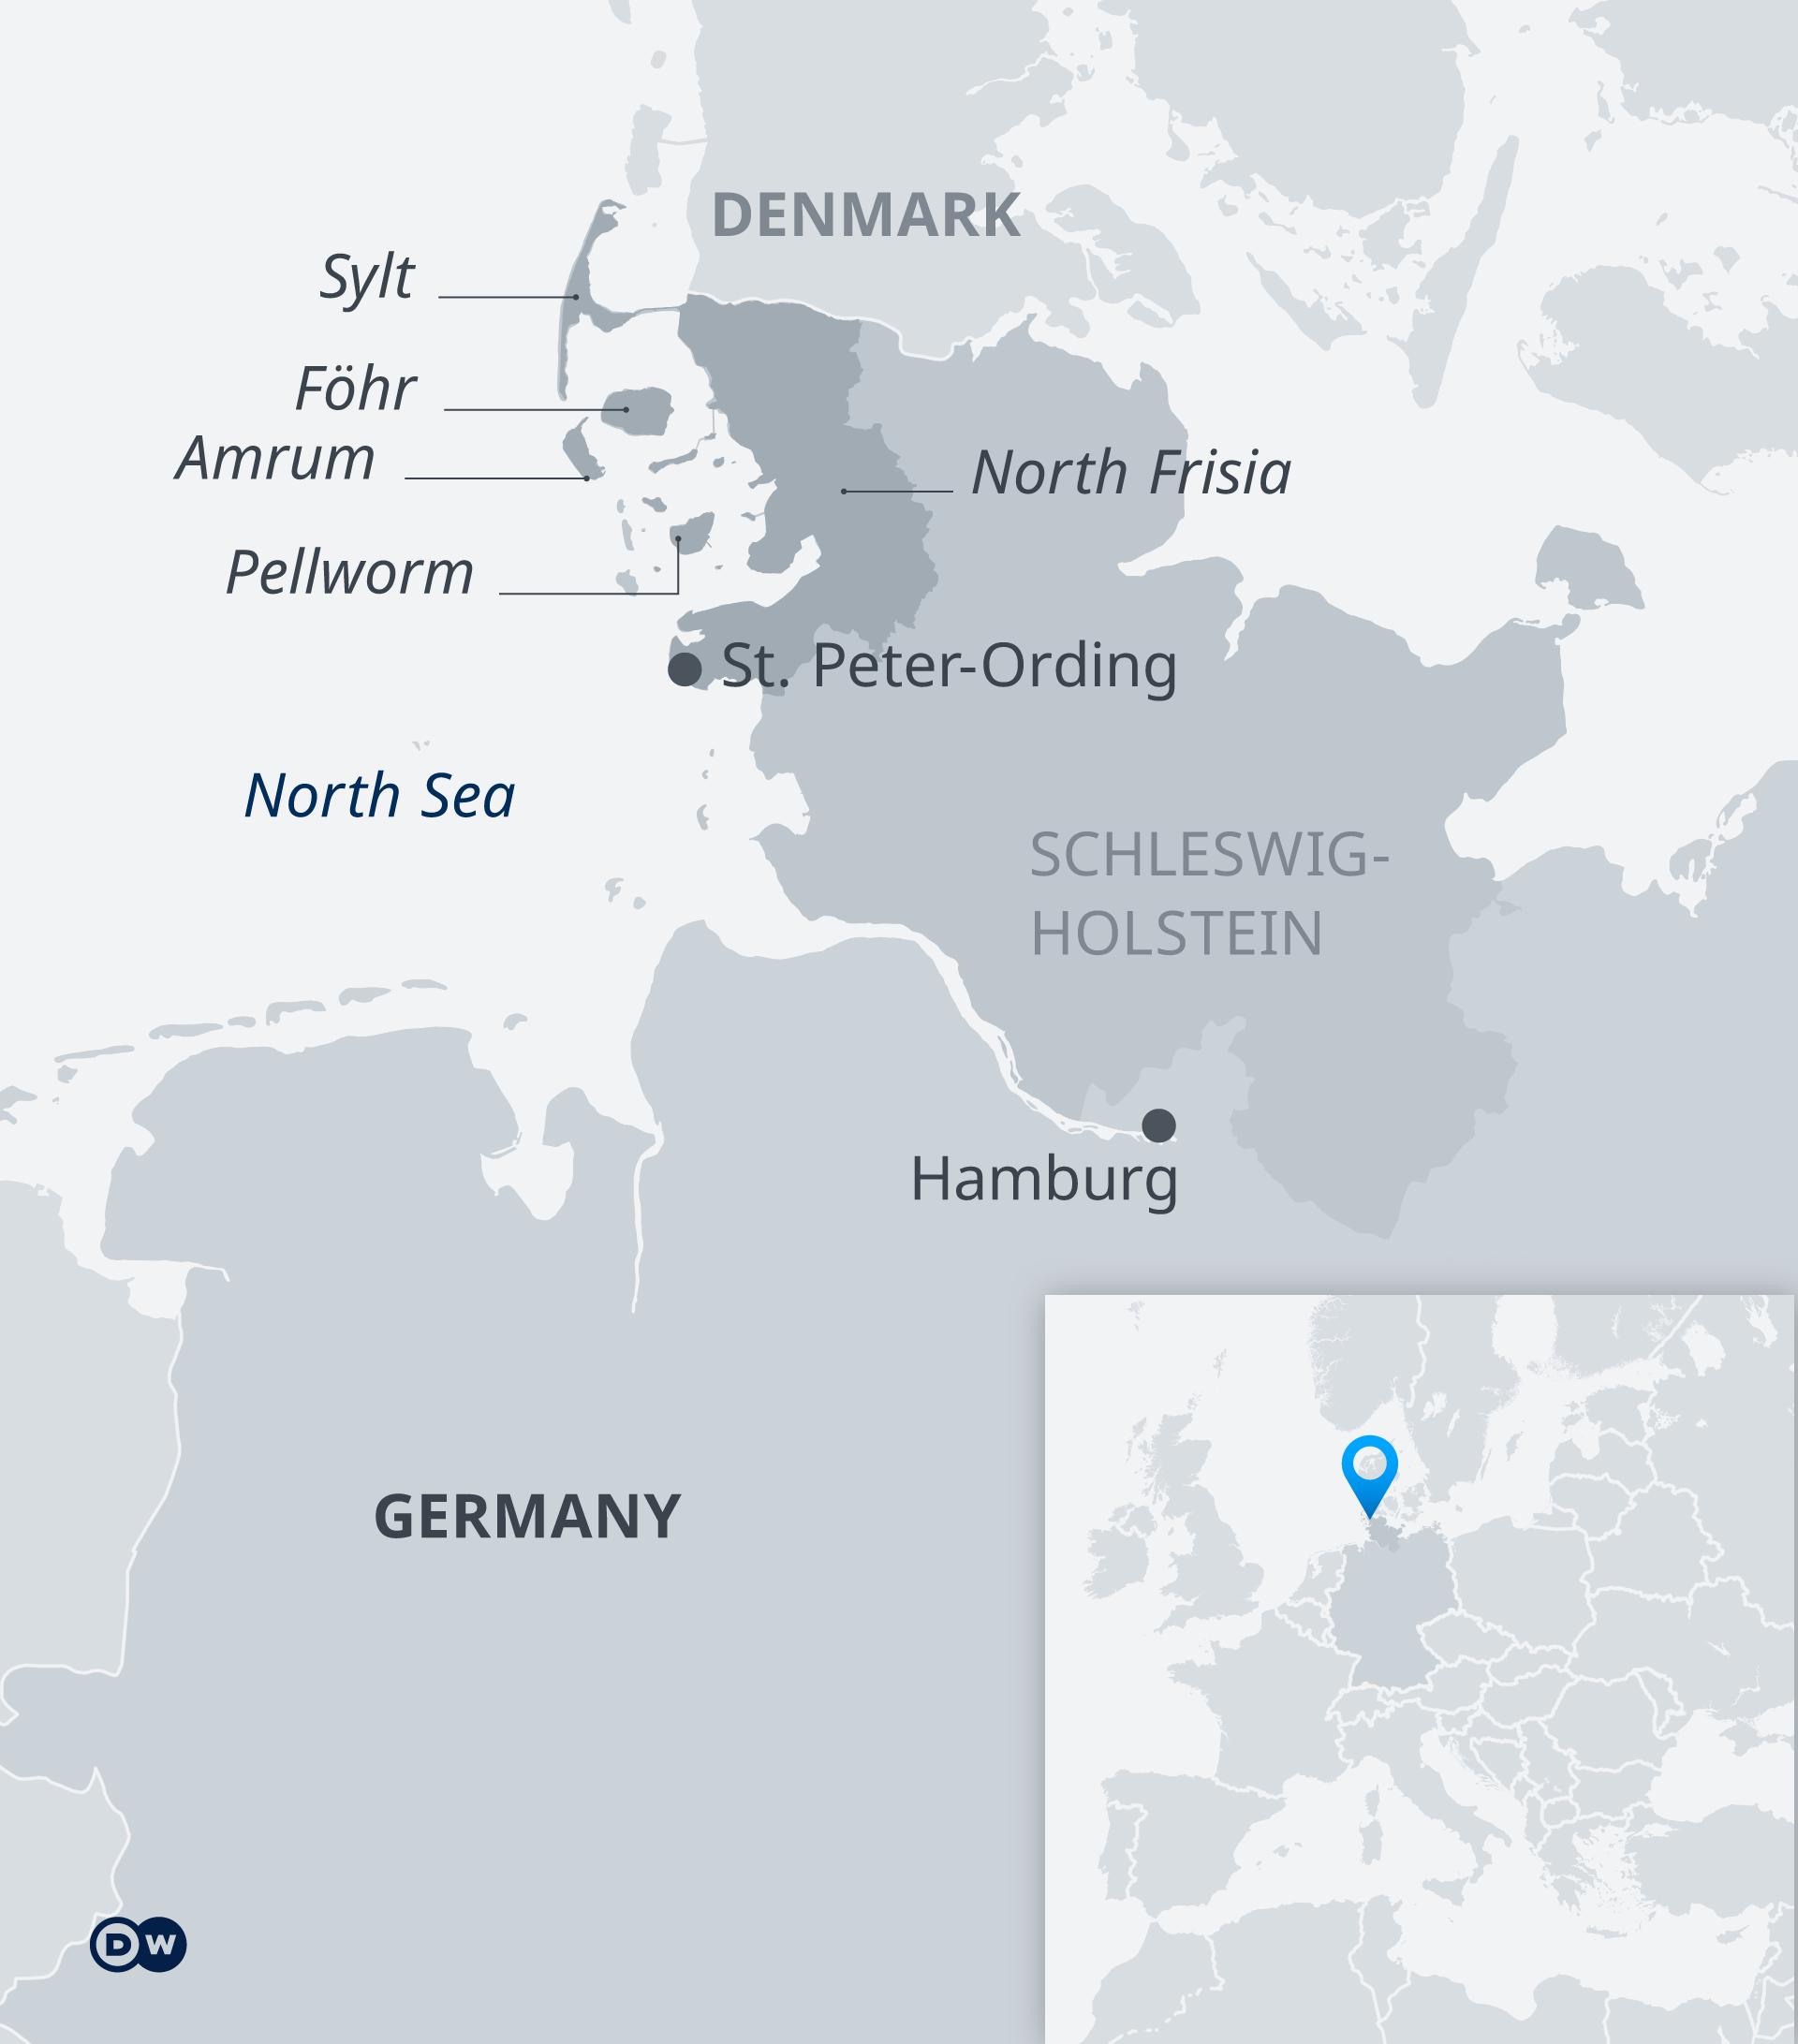 Karte von Nordfriesland im Bundesland Shelswick-Holstein in Deutschland